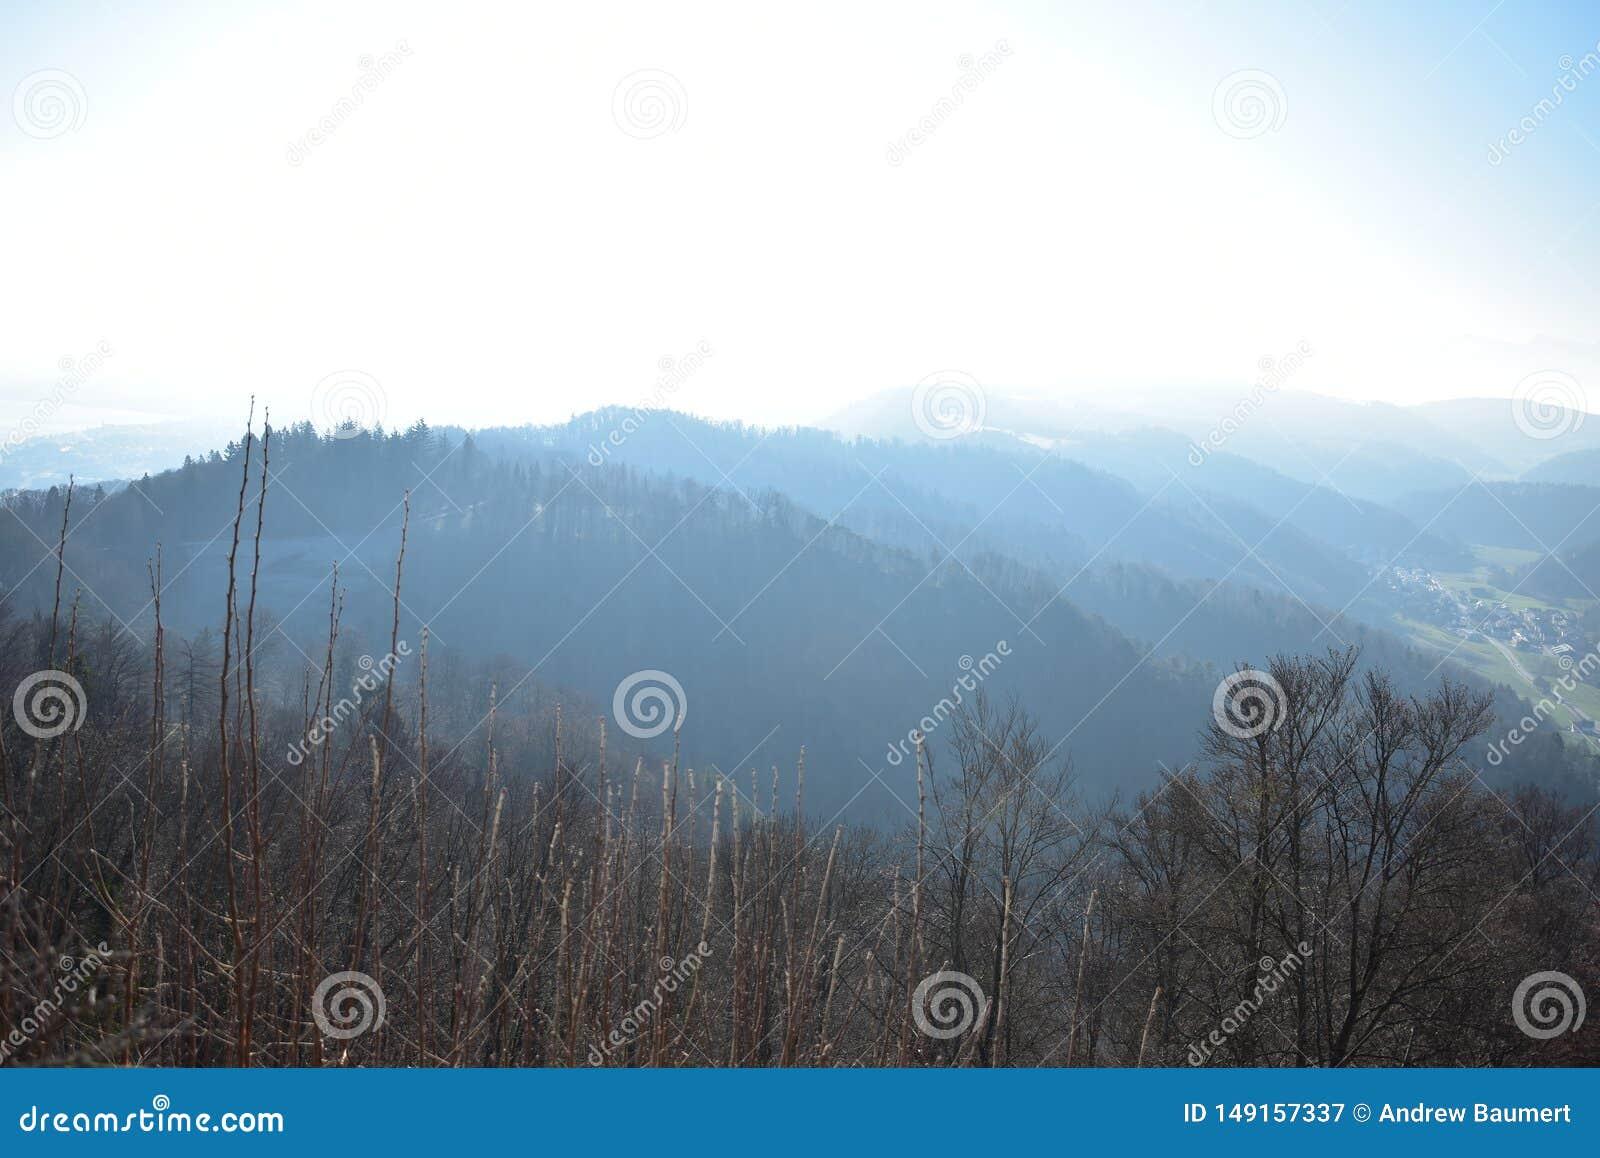 瑞士阿尔卑斯山脉的风景